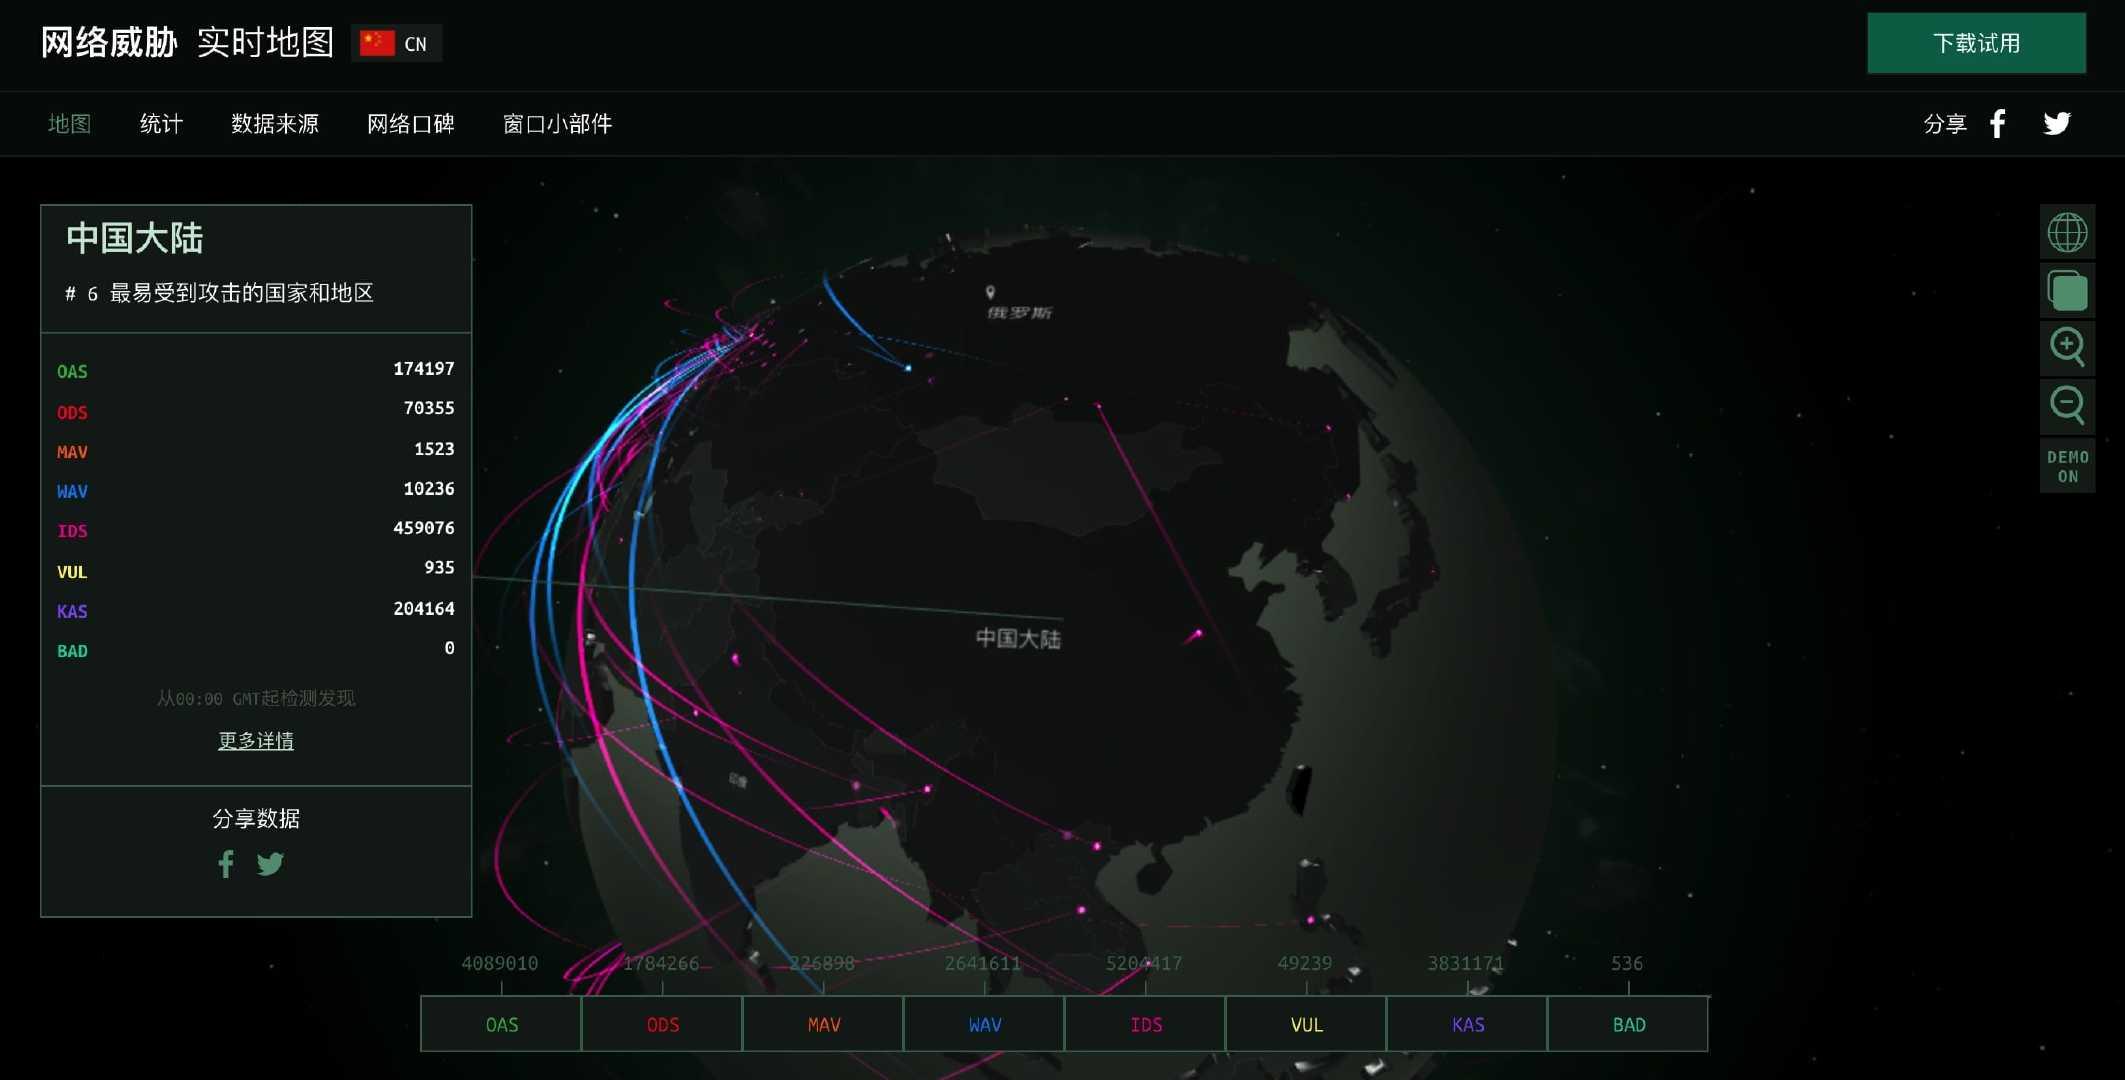 5fa4ffa8dd662 - 网站 | kaspersky-全球网络威胁实时地图